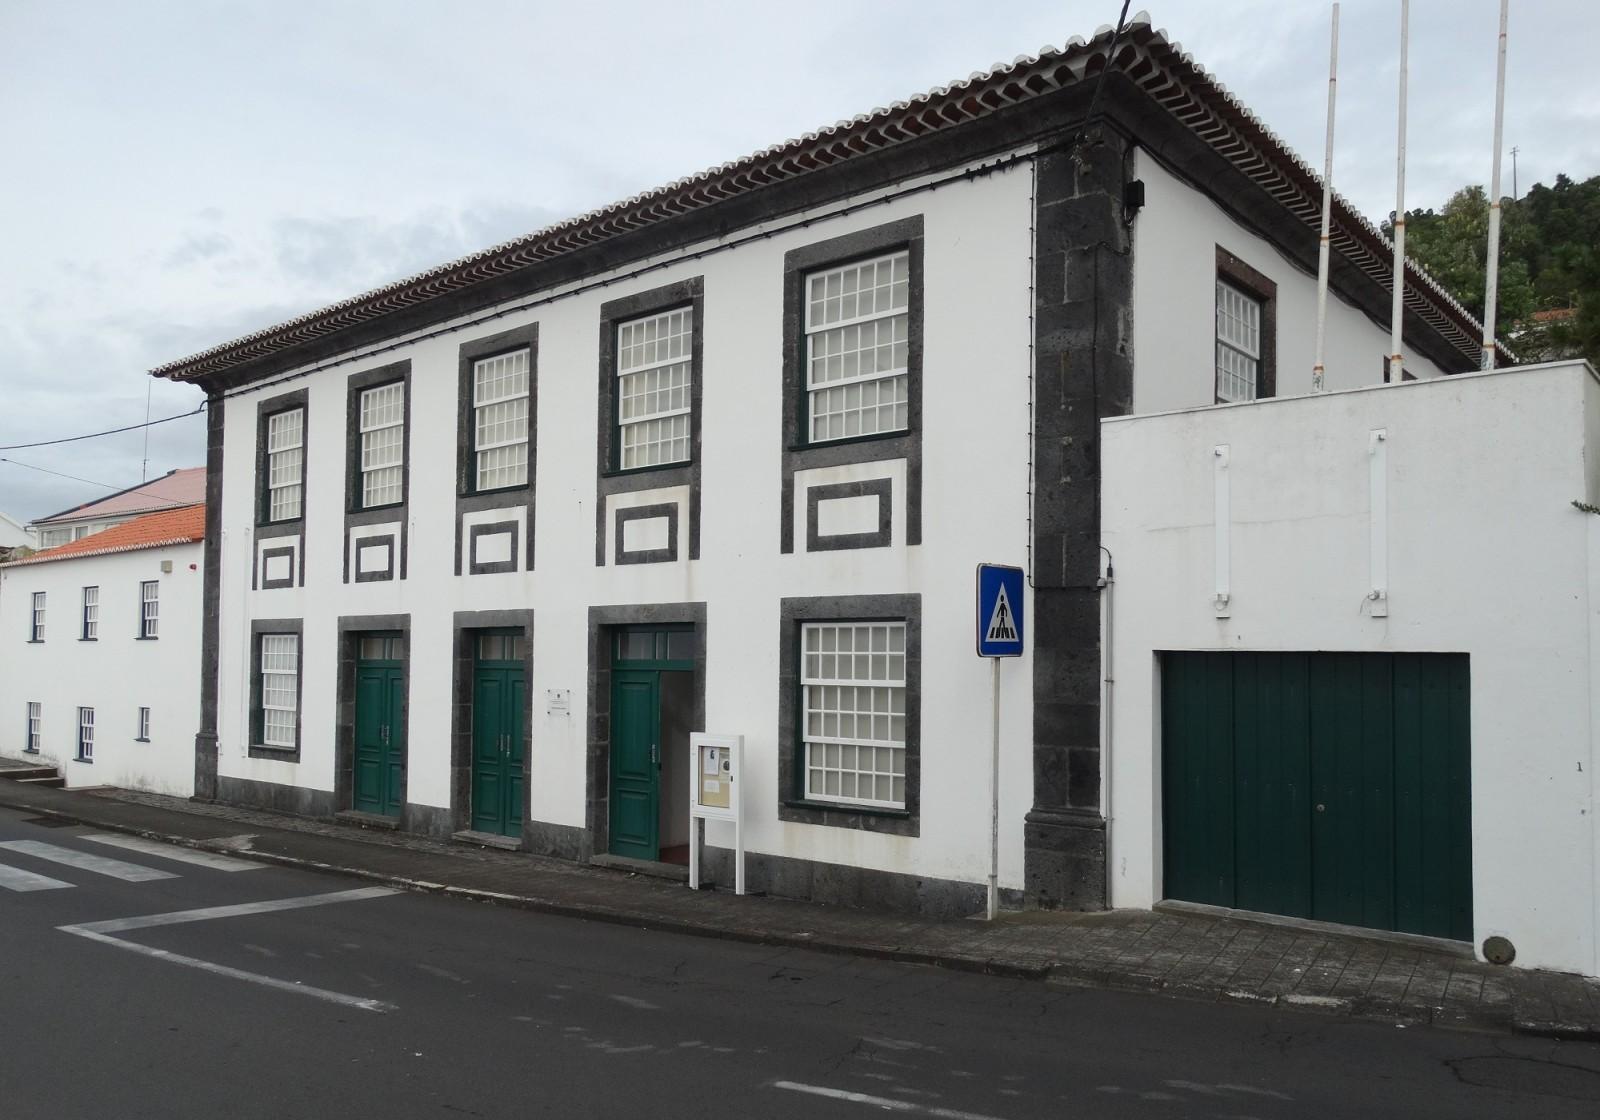 Museu Francisco Lacerda - São Jorge - Açores